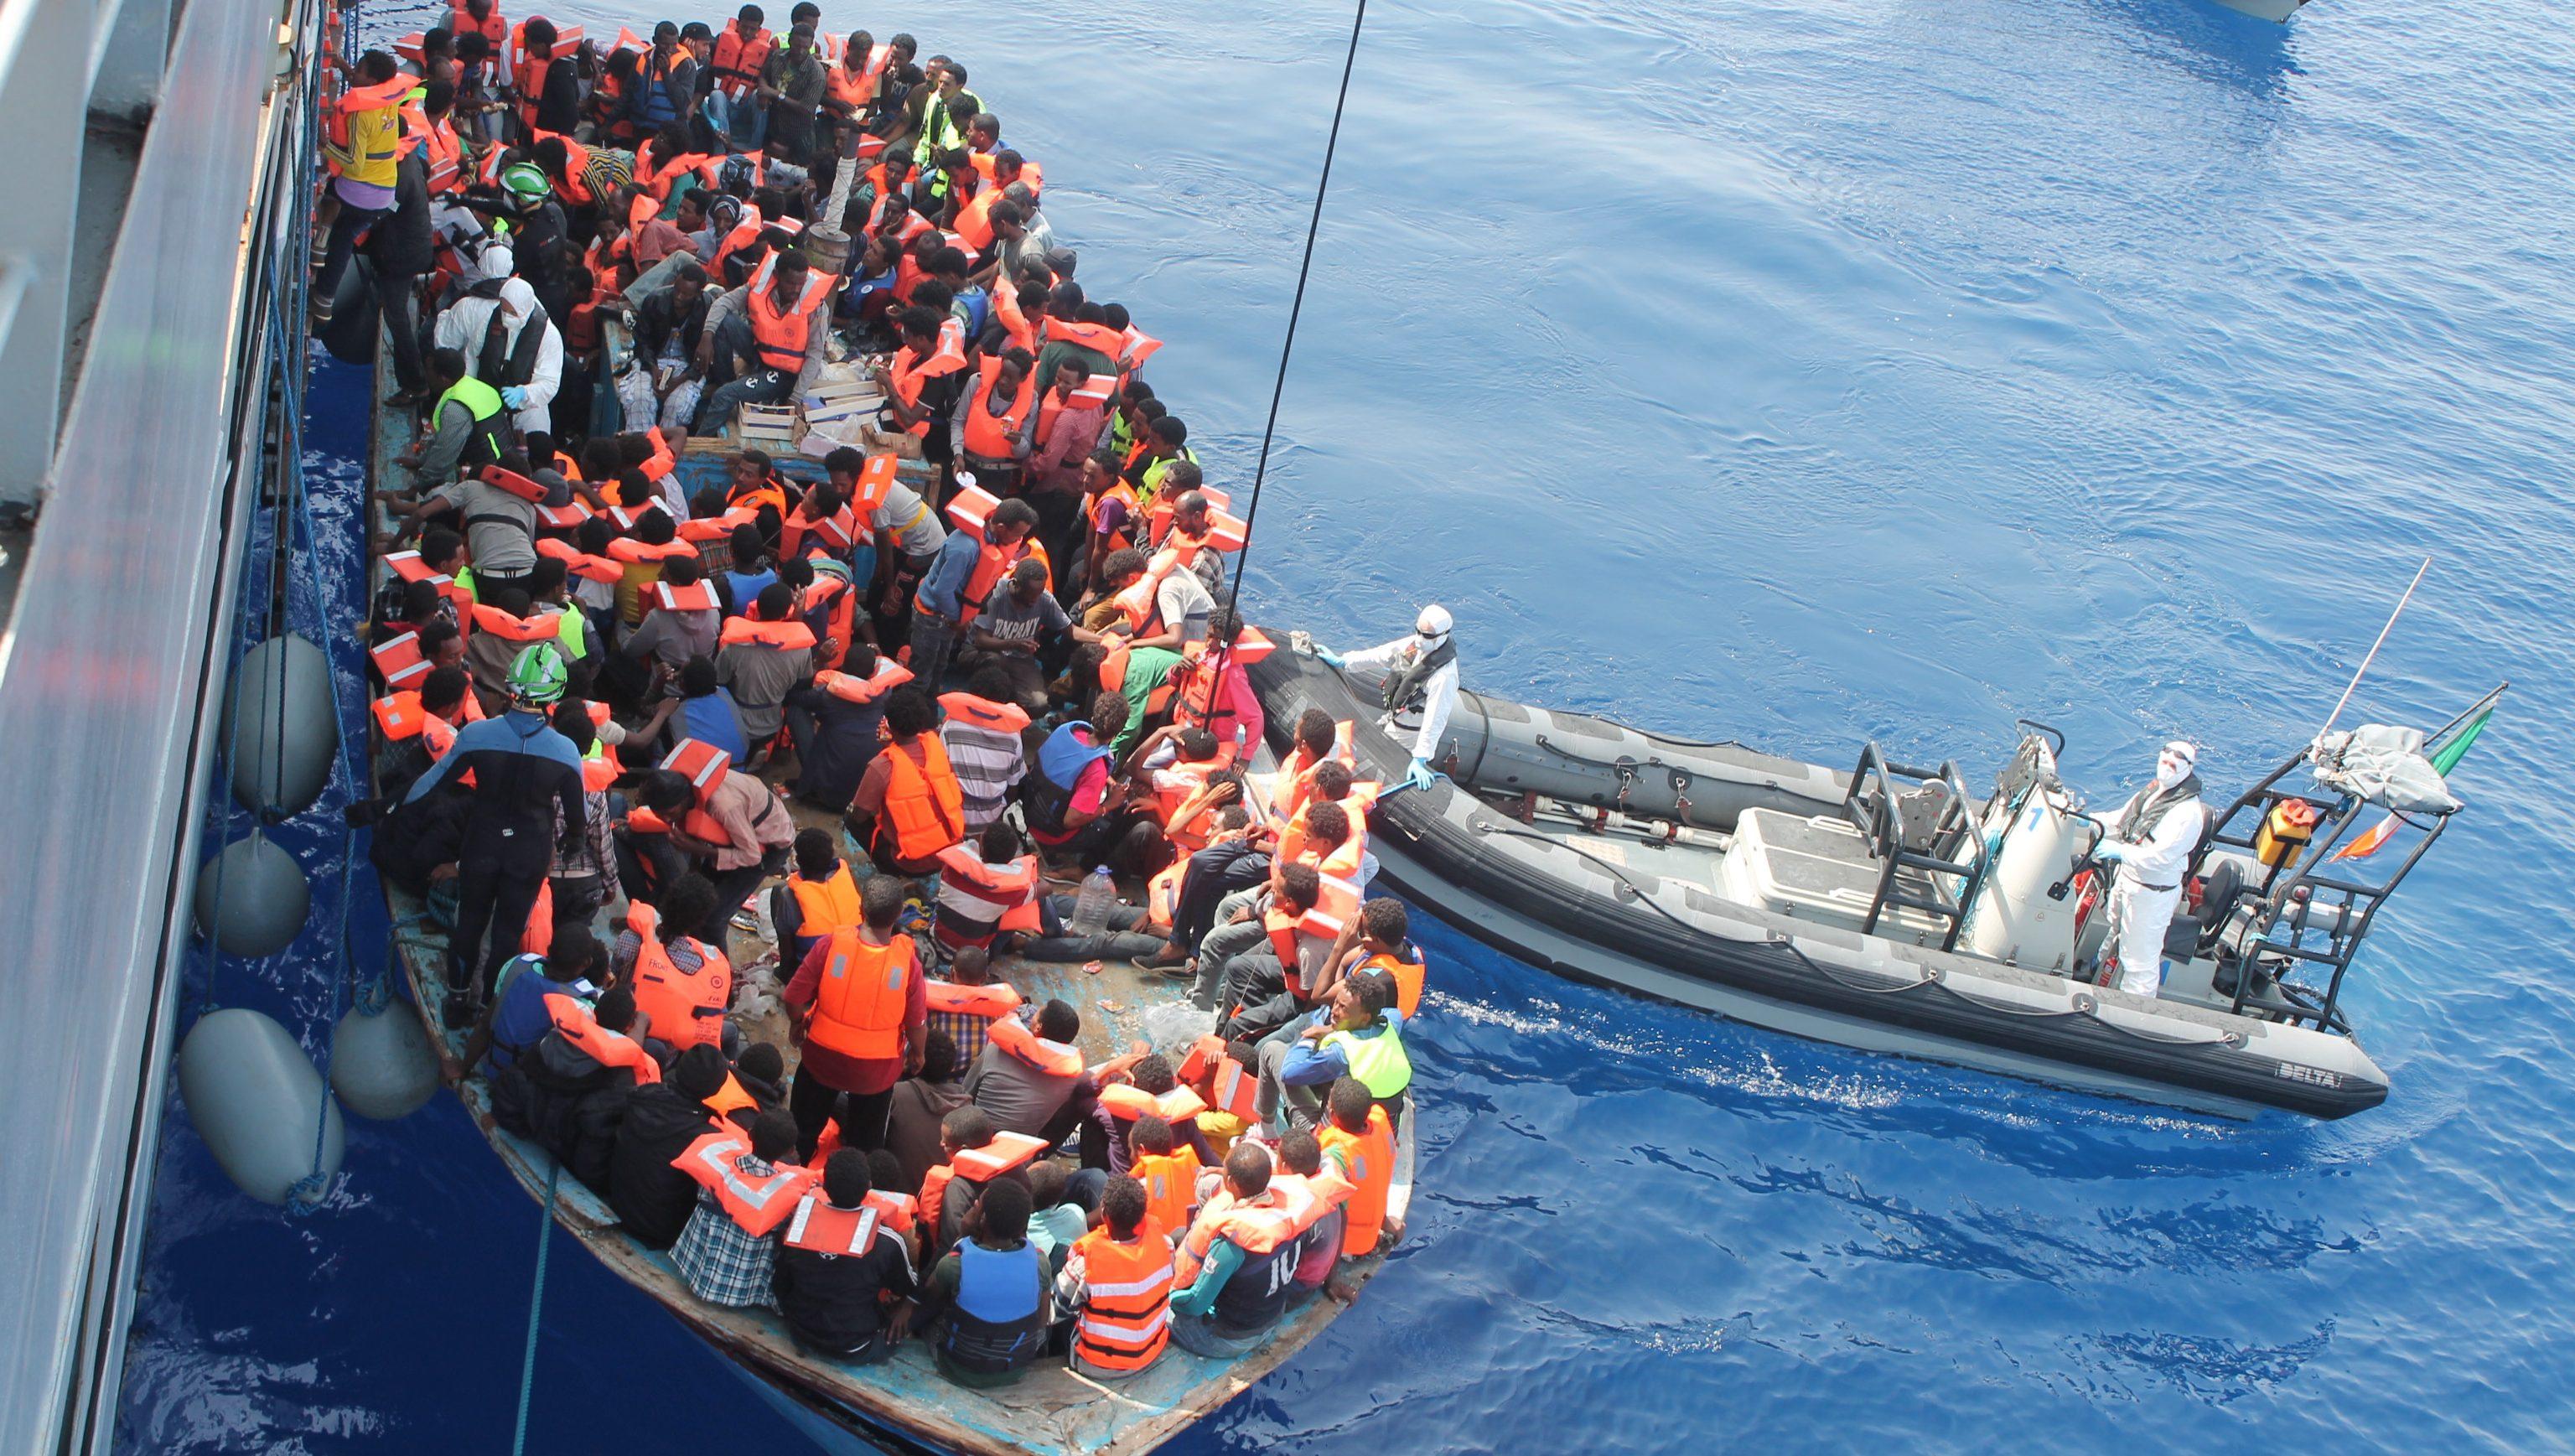 Migranti: record di permessi umanitari, 78.000 nel 2016